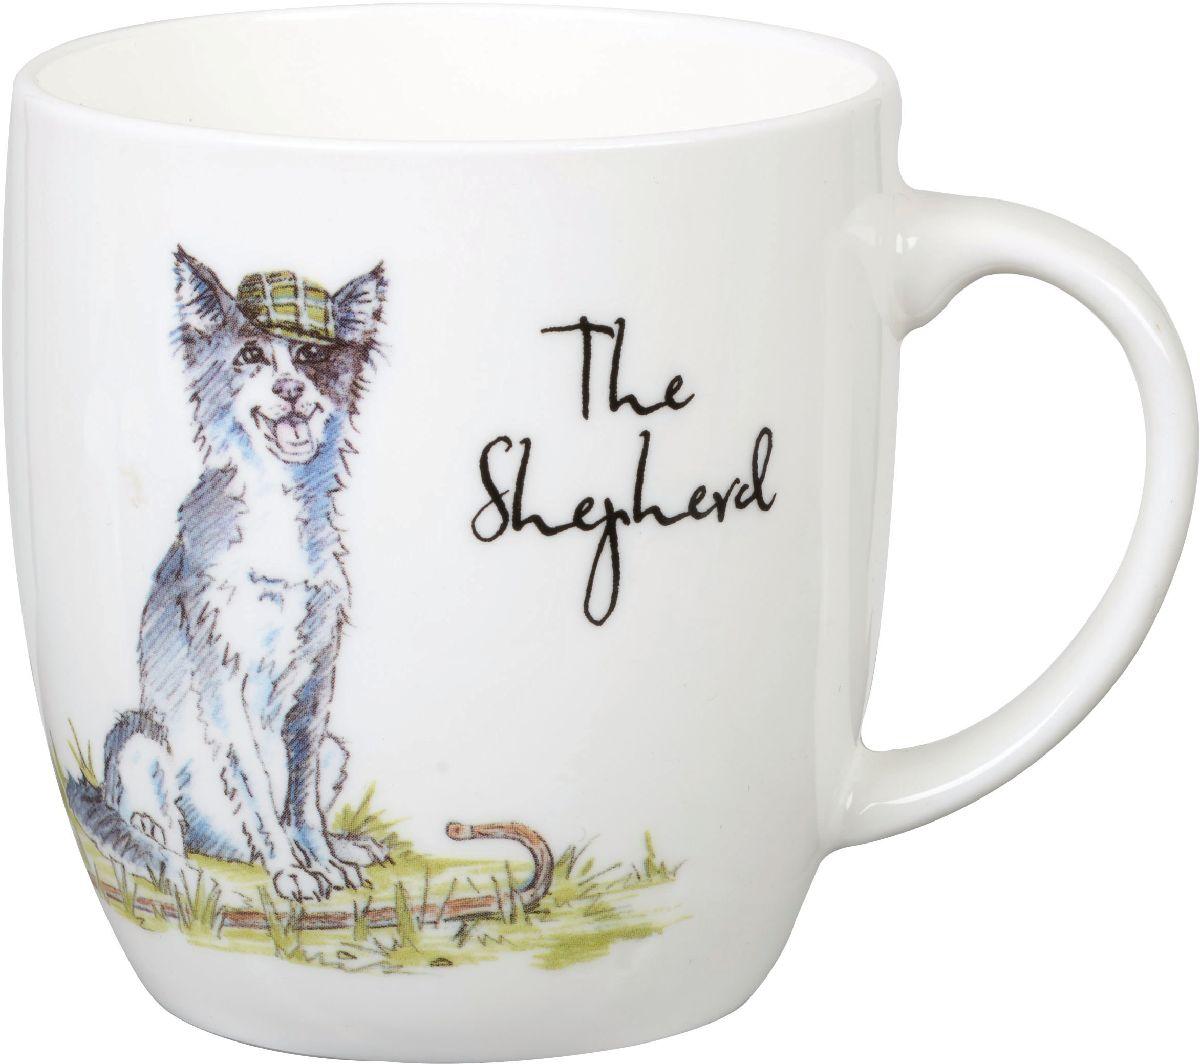 """Кружка """"Churchill"""" выполнена из фарфора и украшена оригинальным рисунком.   Такая кружка отлично подойдет для горячих и холодных напитков. С ней ваши любимые напитки будут еще вкусней."""